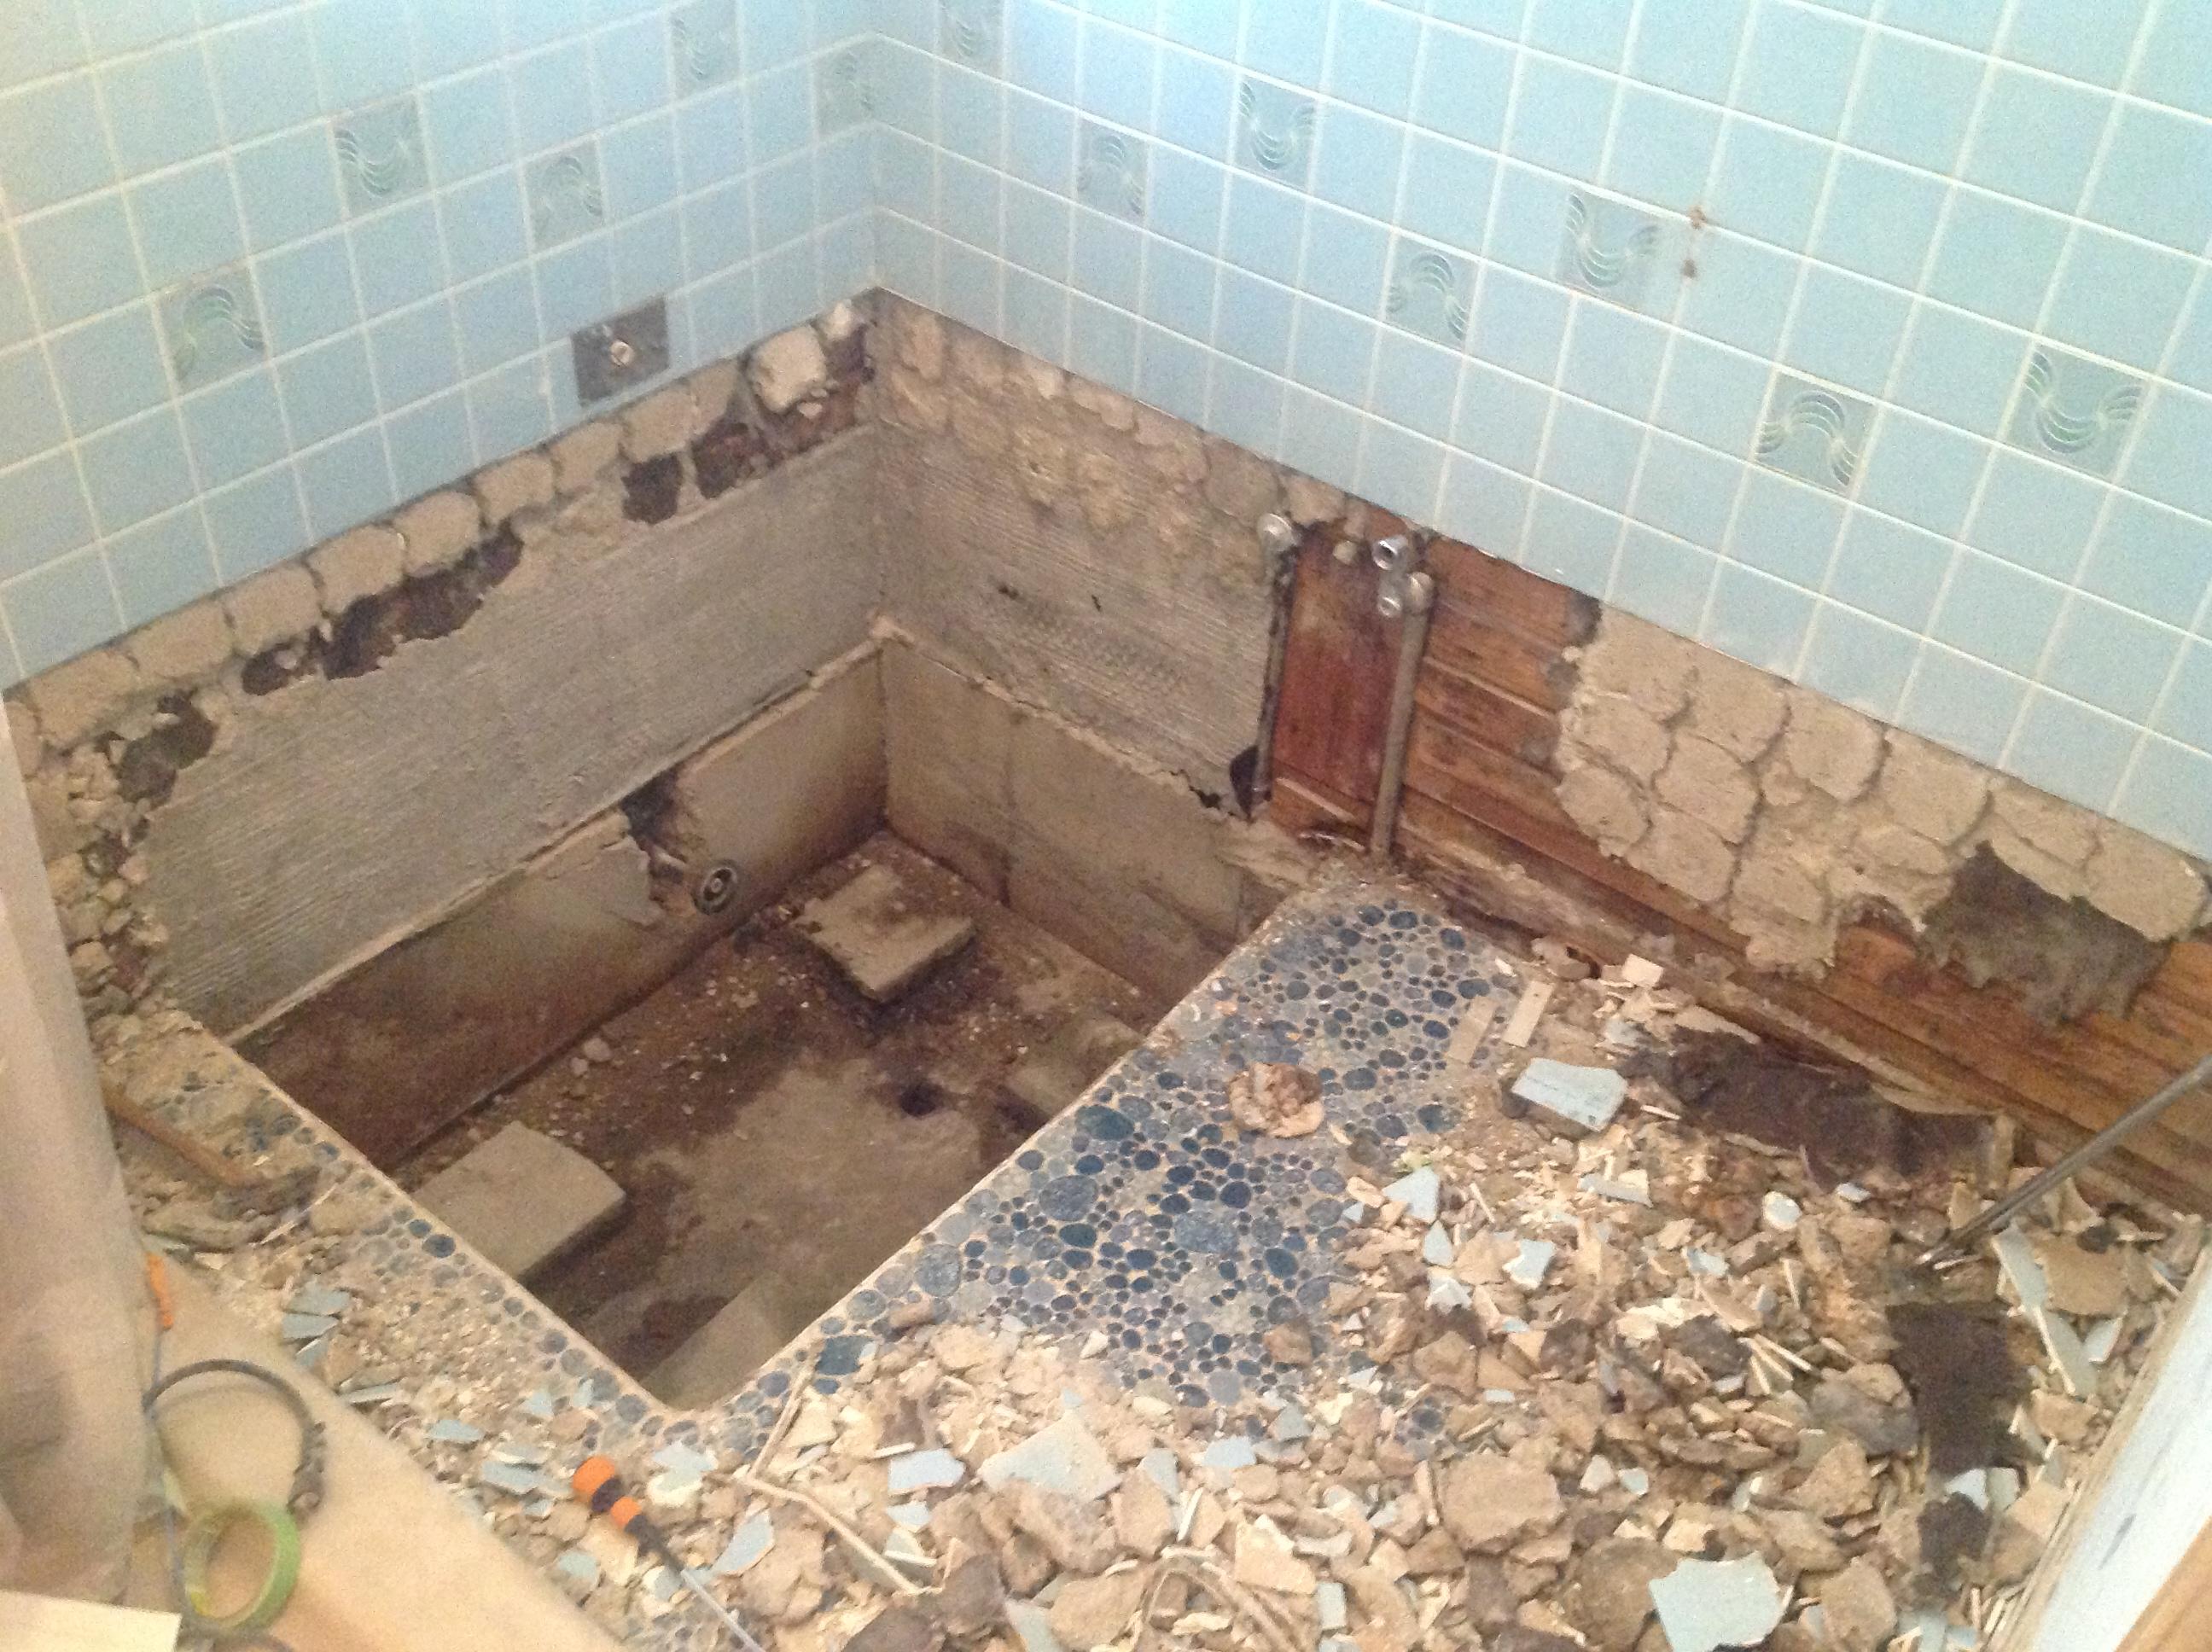 浴室・風呂場のタイル